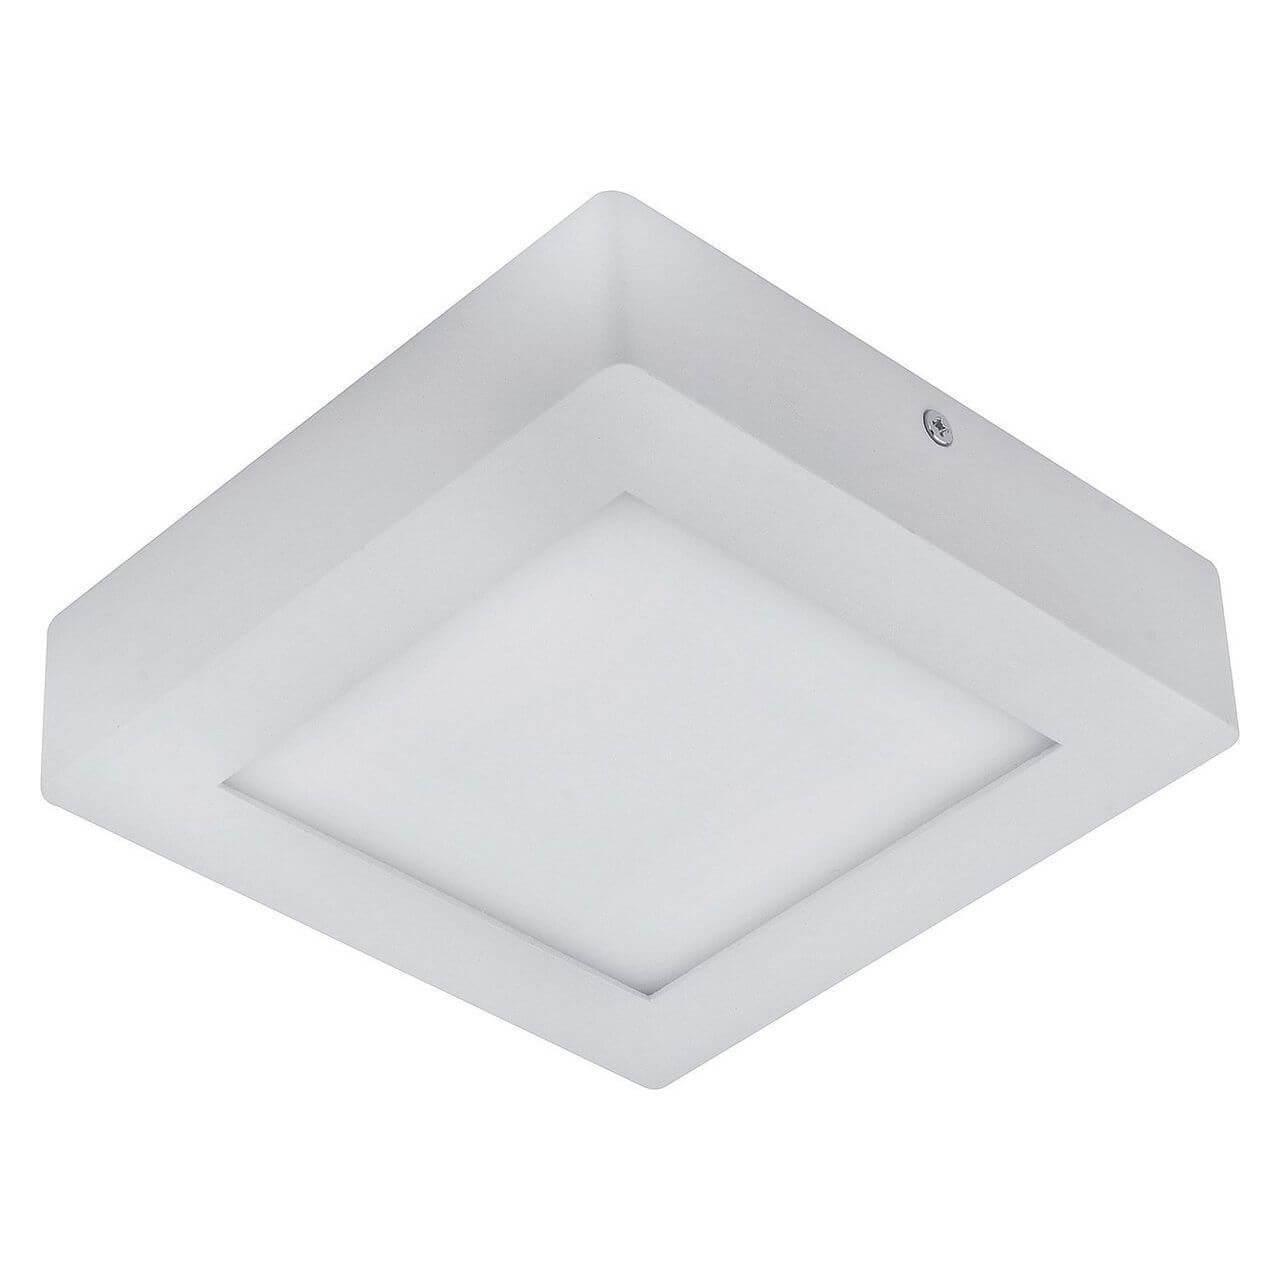 Потолочный светодиодный светильник Horoz 15W 3000K белый 016-026-0015 (HL639L) цена